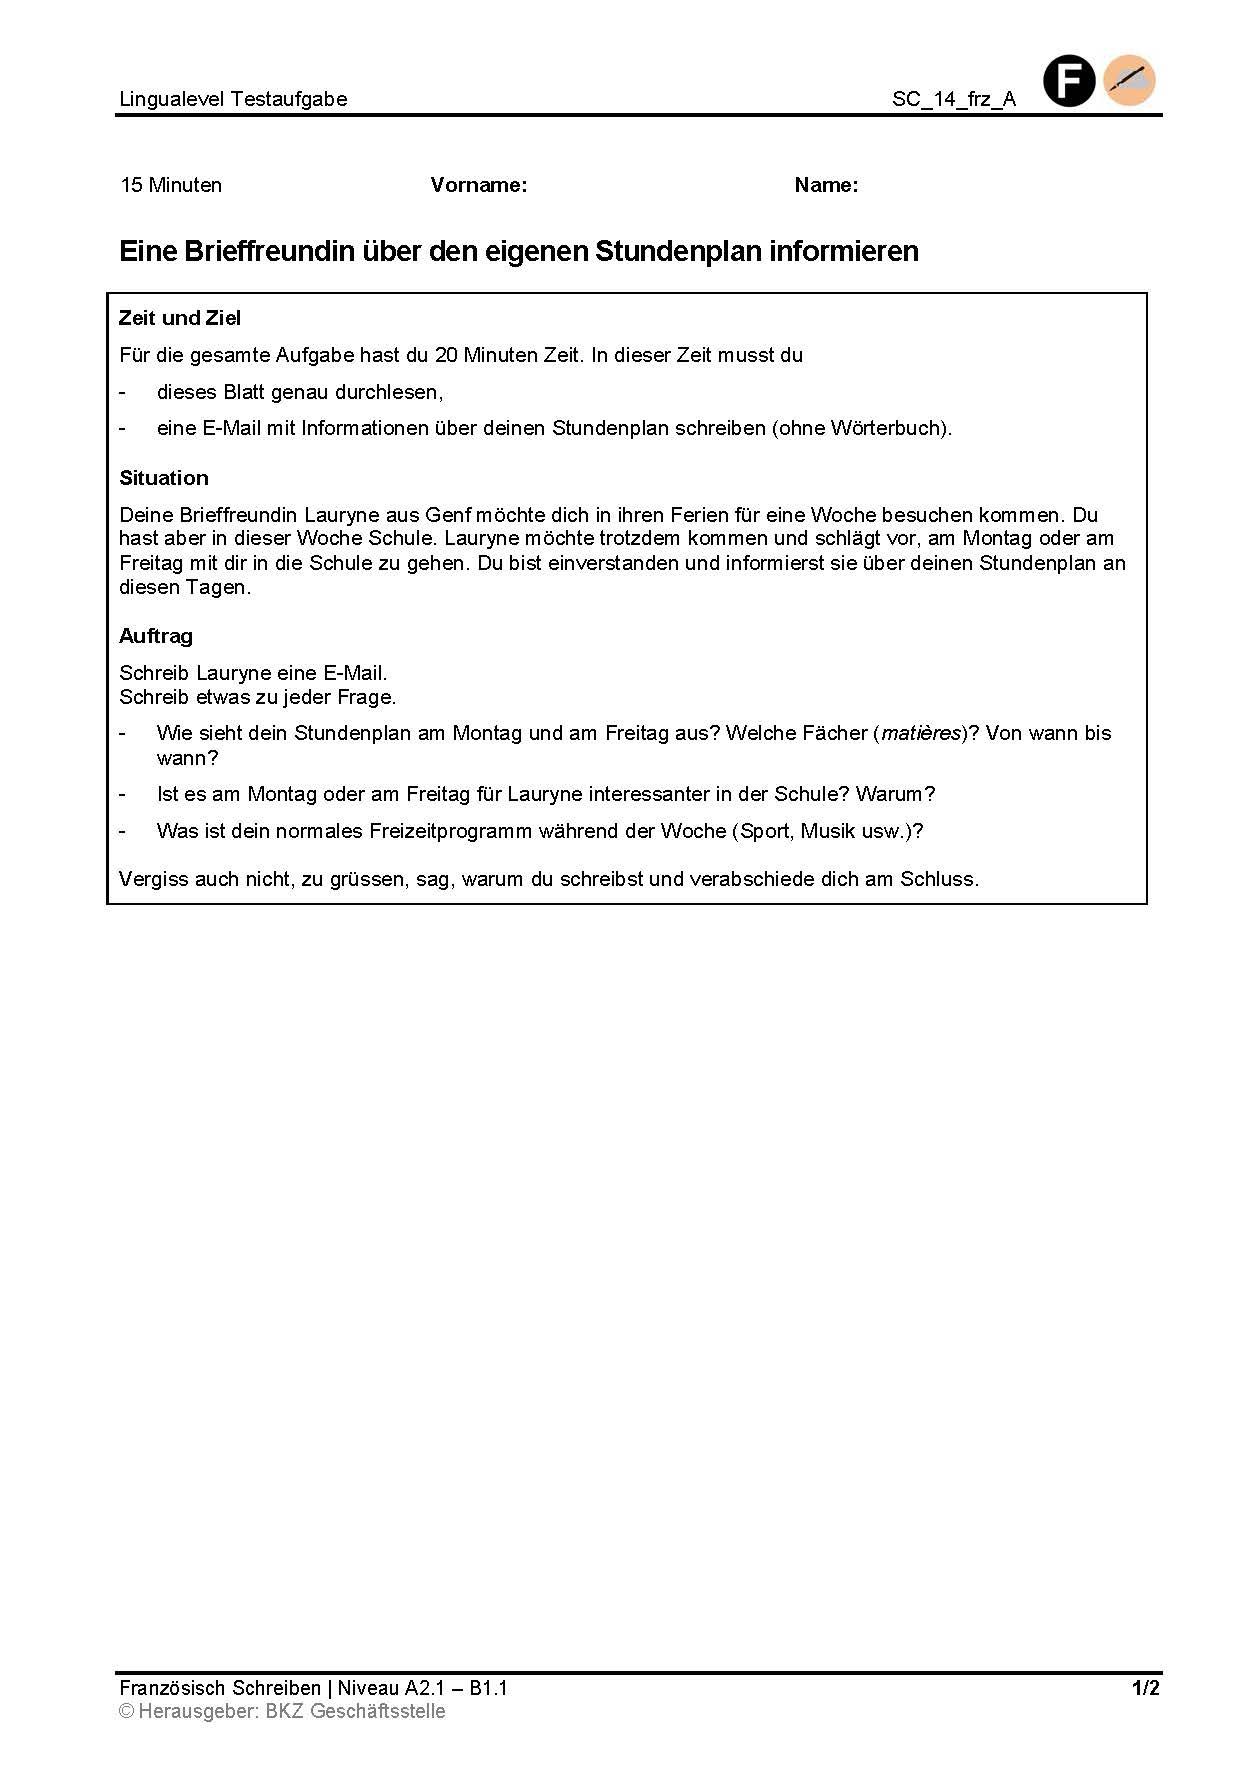 Preview image for LOM object Eine Brieffreundin über den eigenen Stundenplan informieren